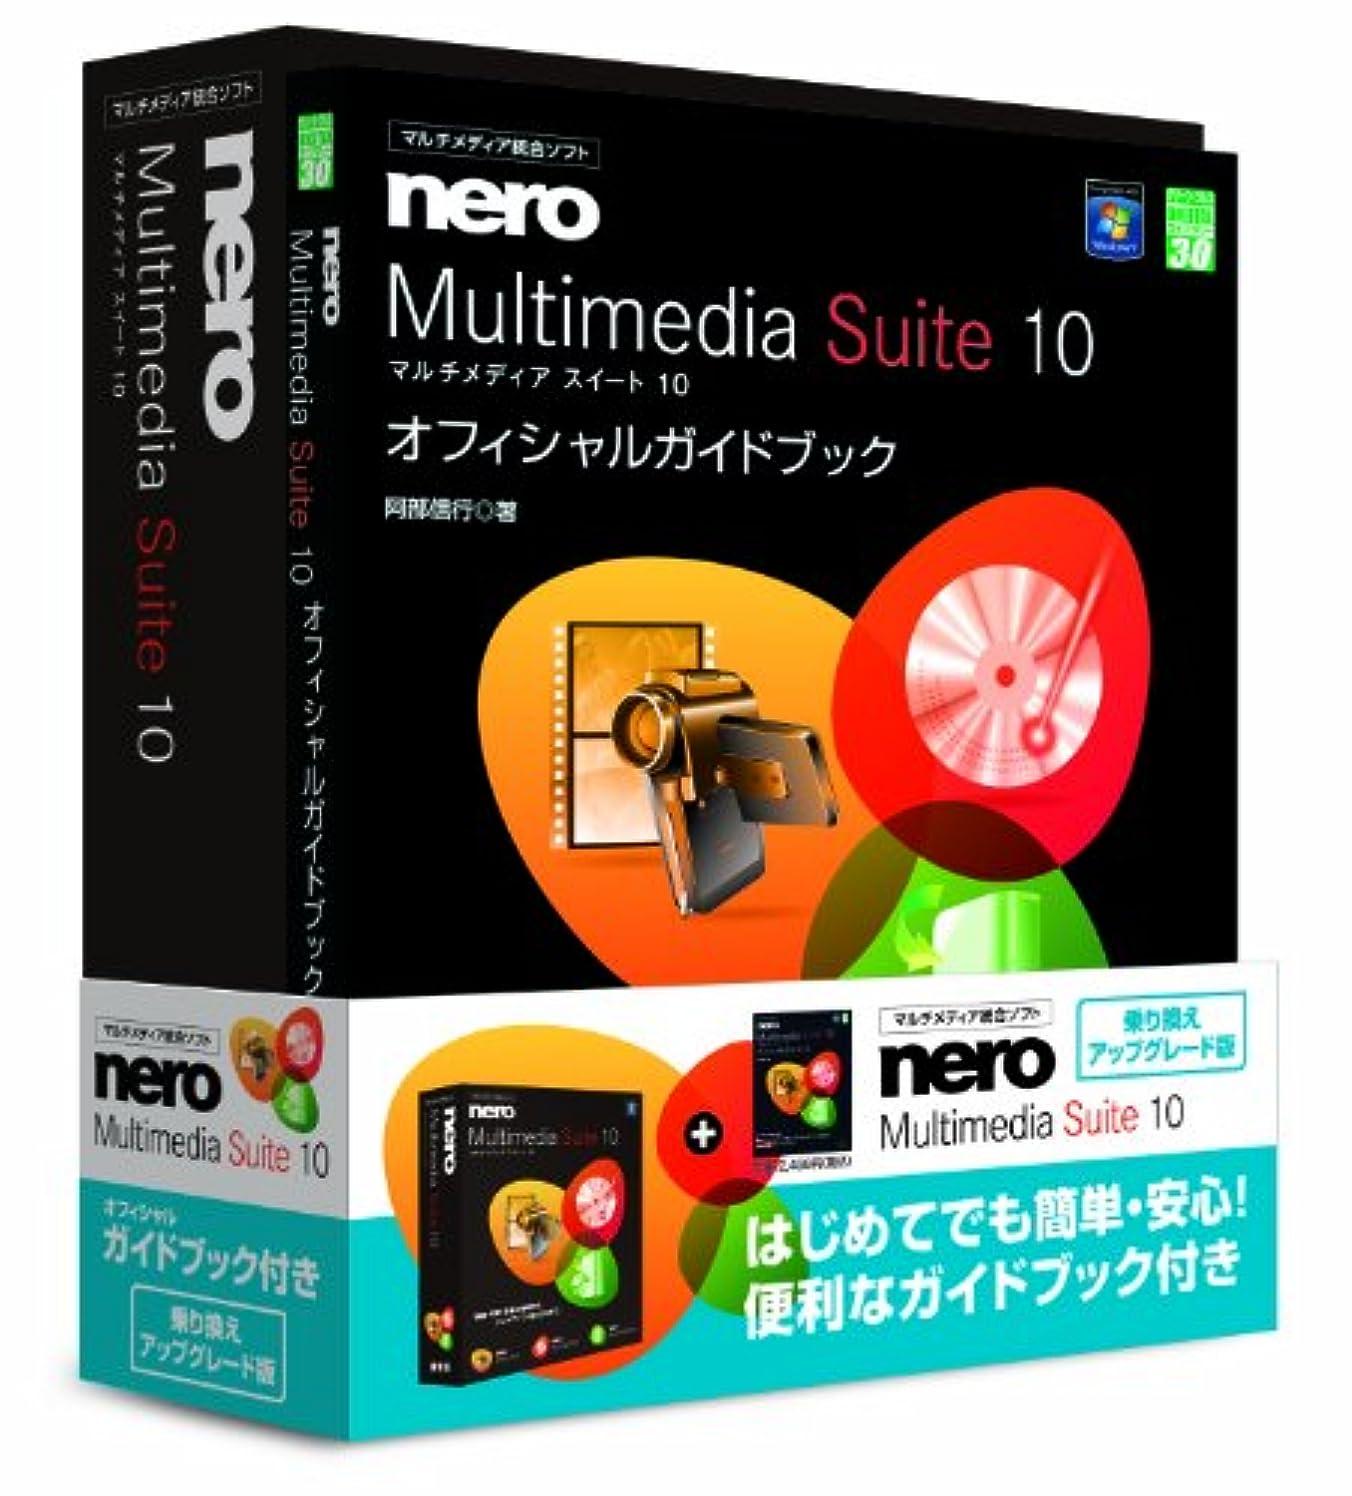 ジョージハンブリー滴下アルファベットNero Multimedia Suite 10乗り換え/アップグレード版 ガイドブック付き